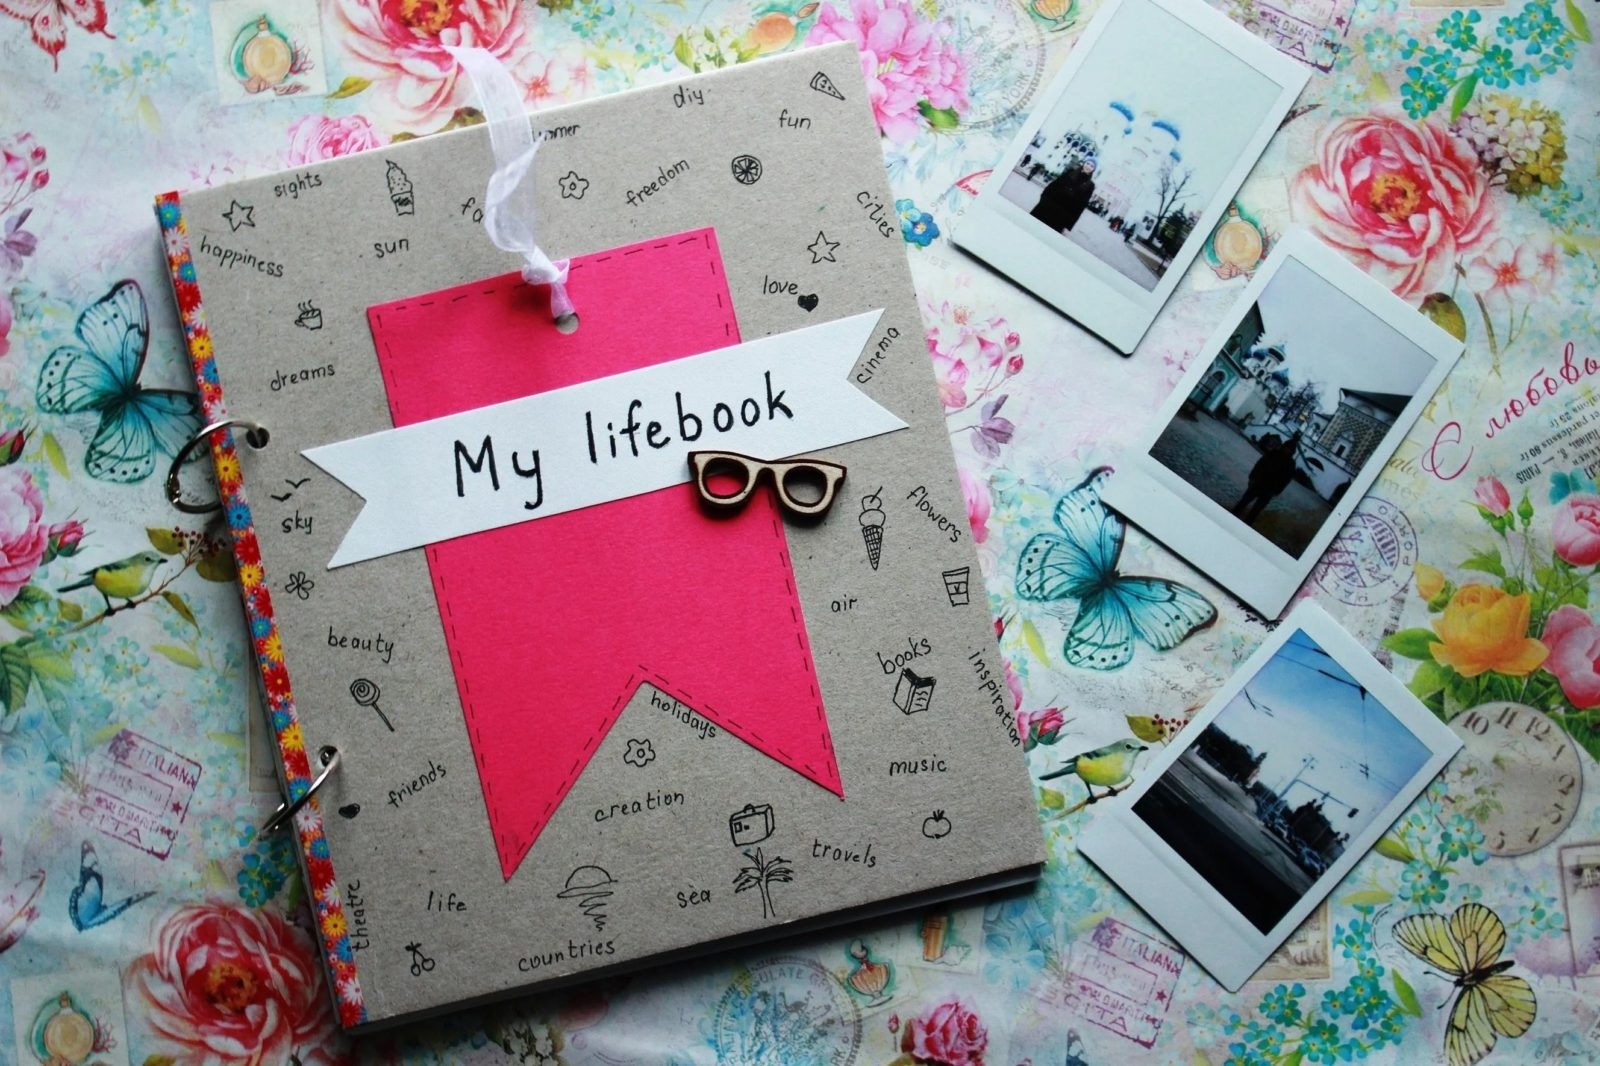 Лучшие идеи для оформления личного дневника (ЛД): выбор дизайна, украшения, мастер-класс с фото примеры